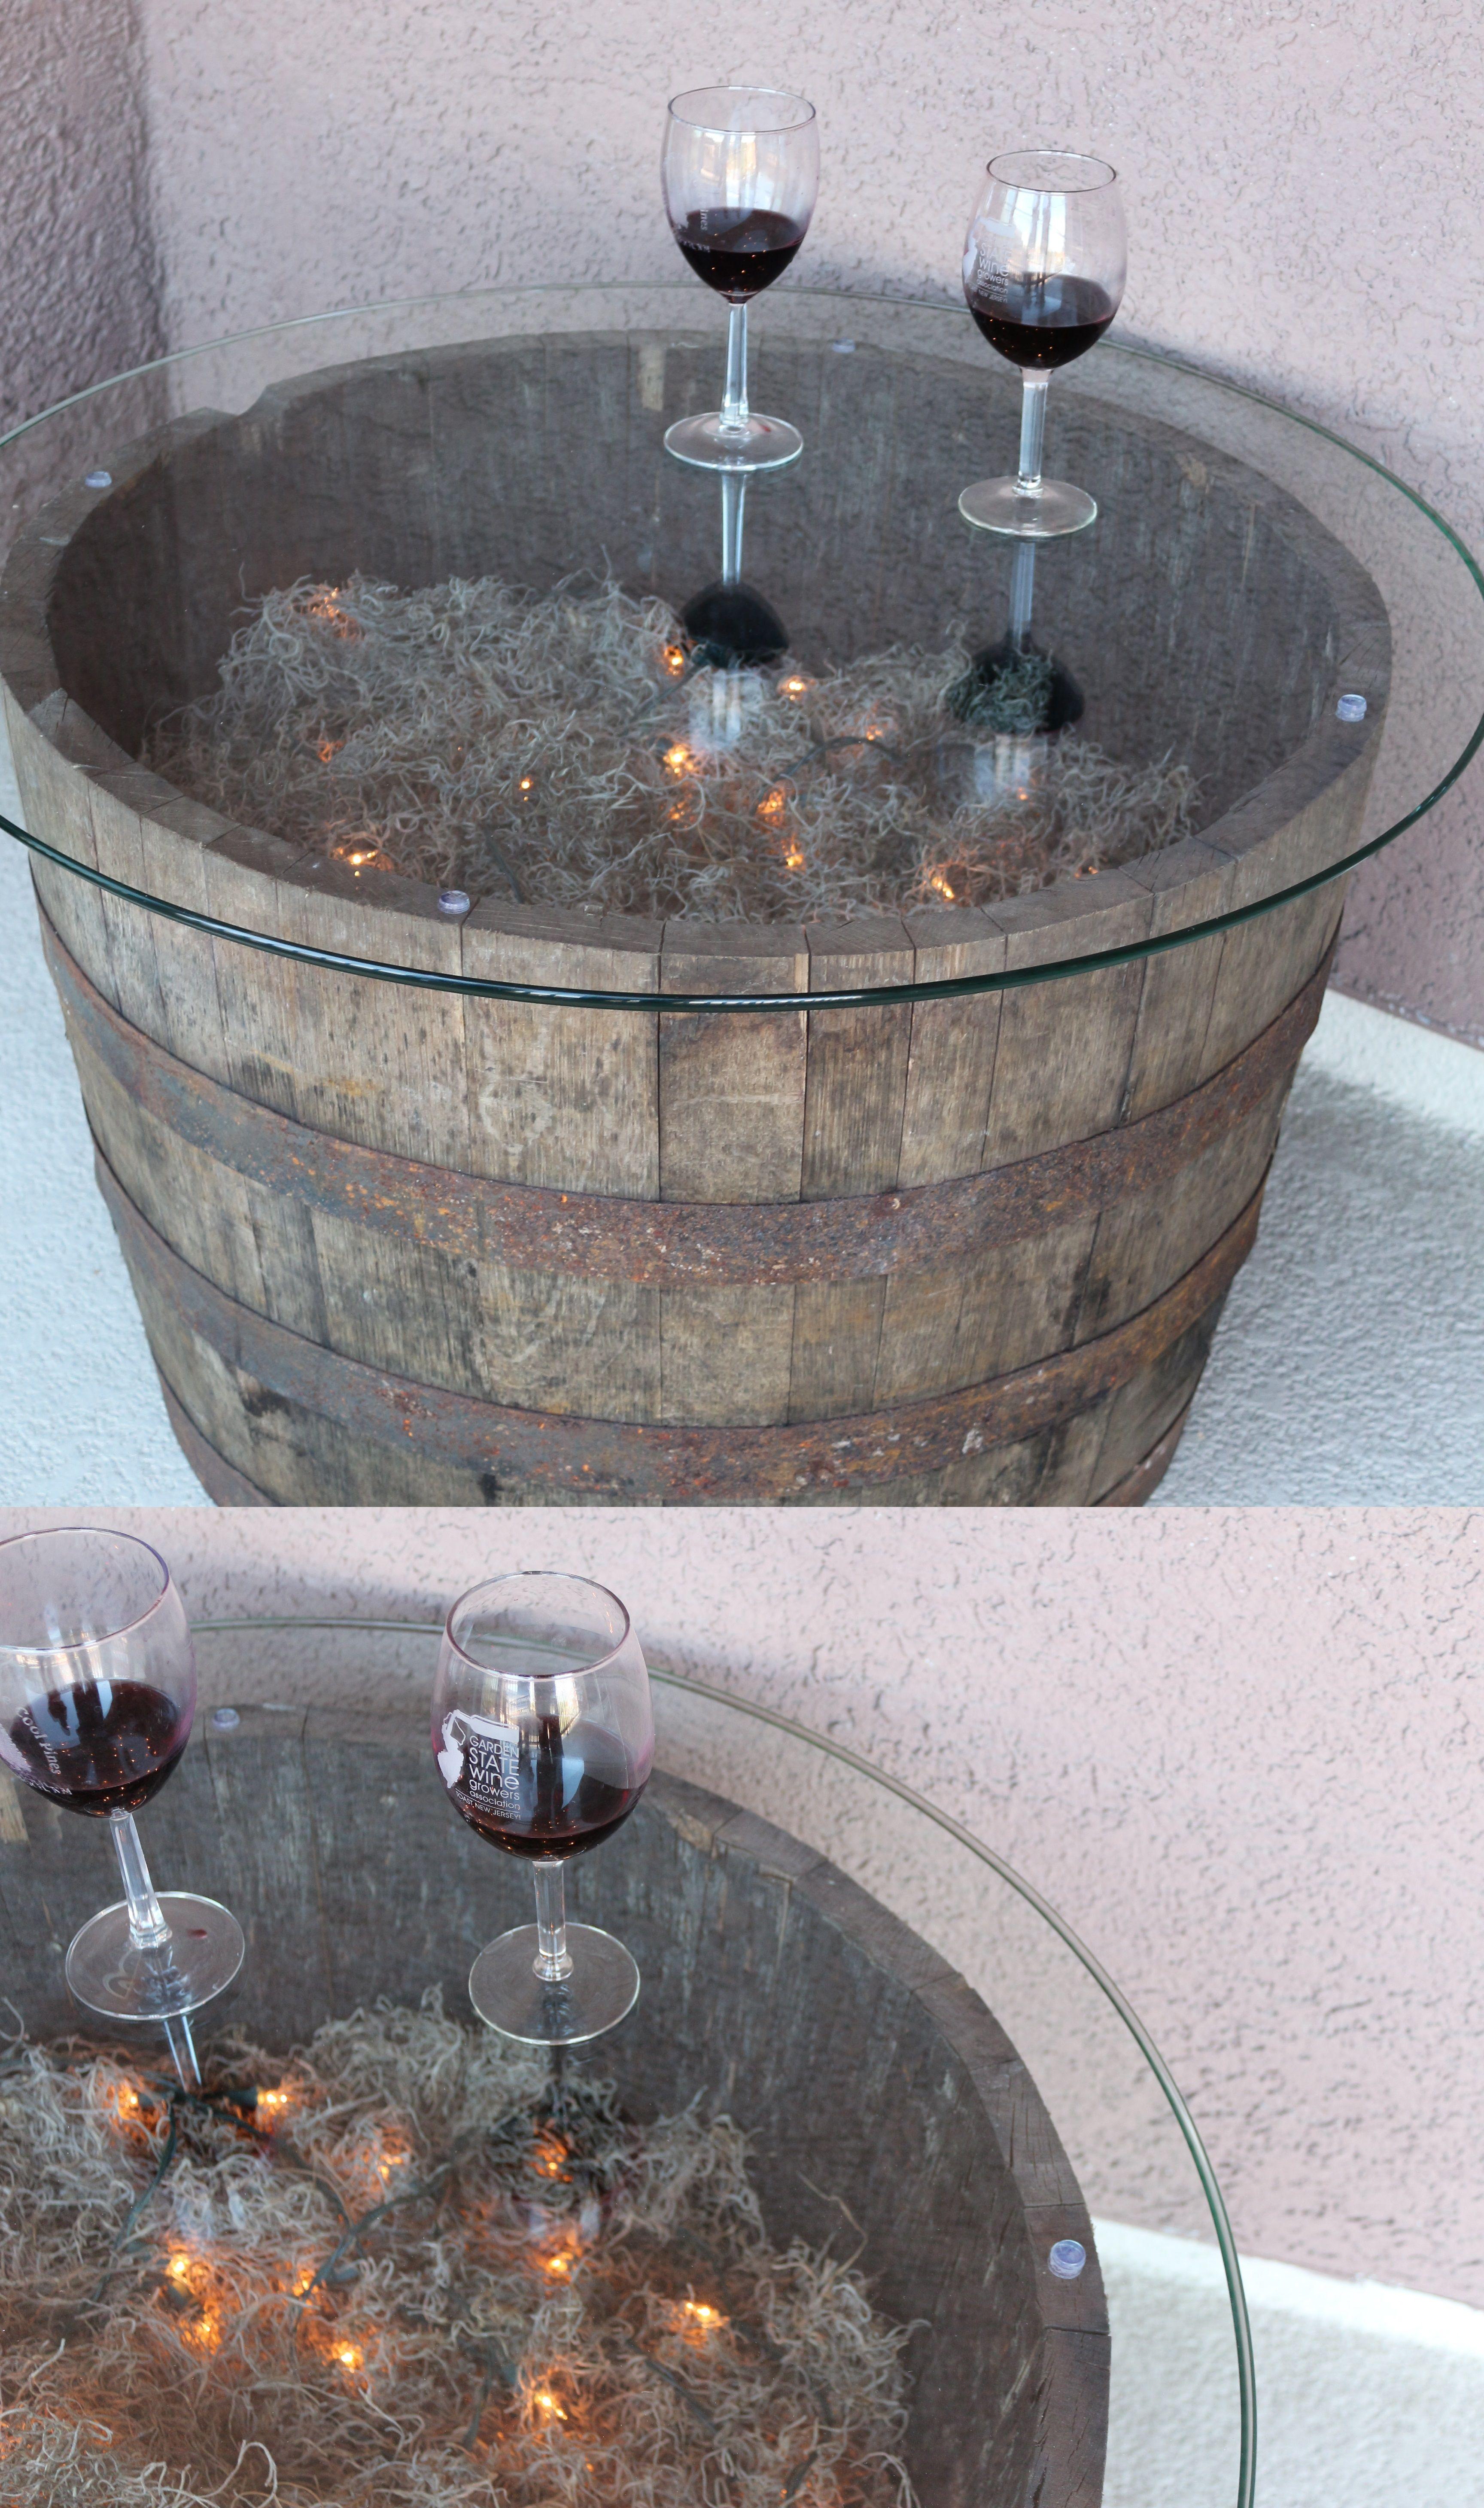 Idee per arredamento con botti in legno usate kert for Botti in legno arredamento